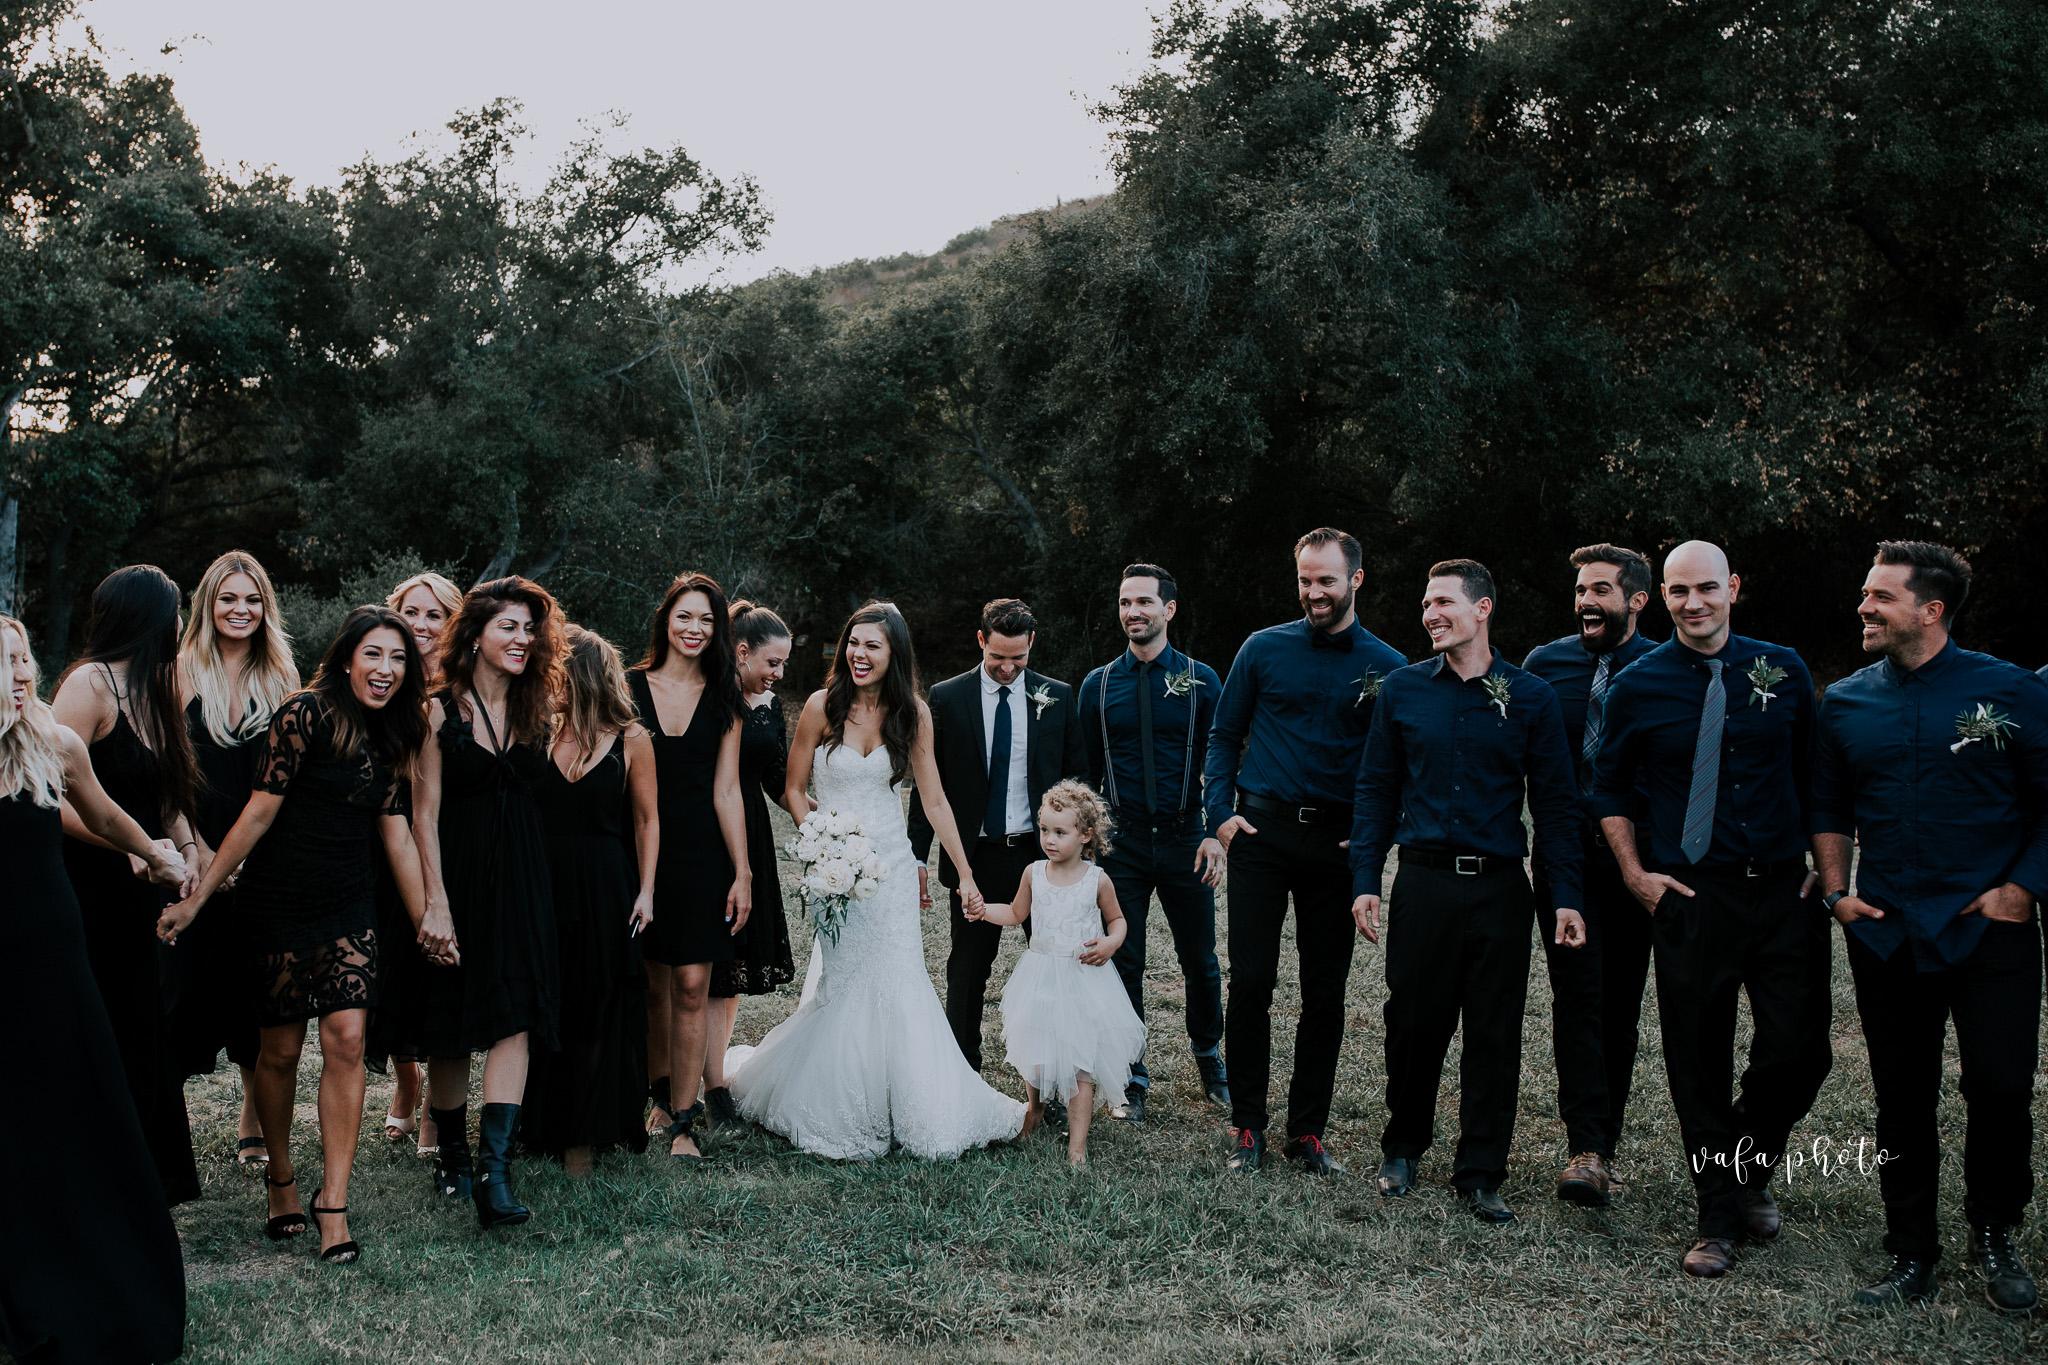 Southern-California-Wedding-Britt-Nilsson-Jeremy-Byrne-Vafa-Photo-654.jpg